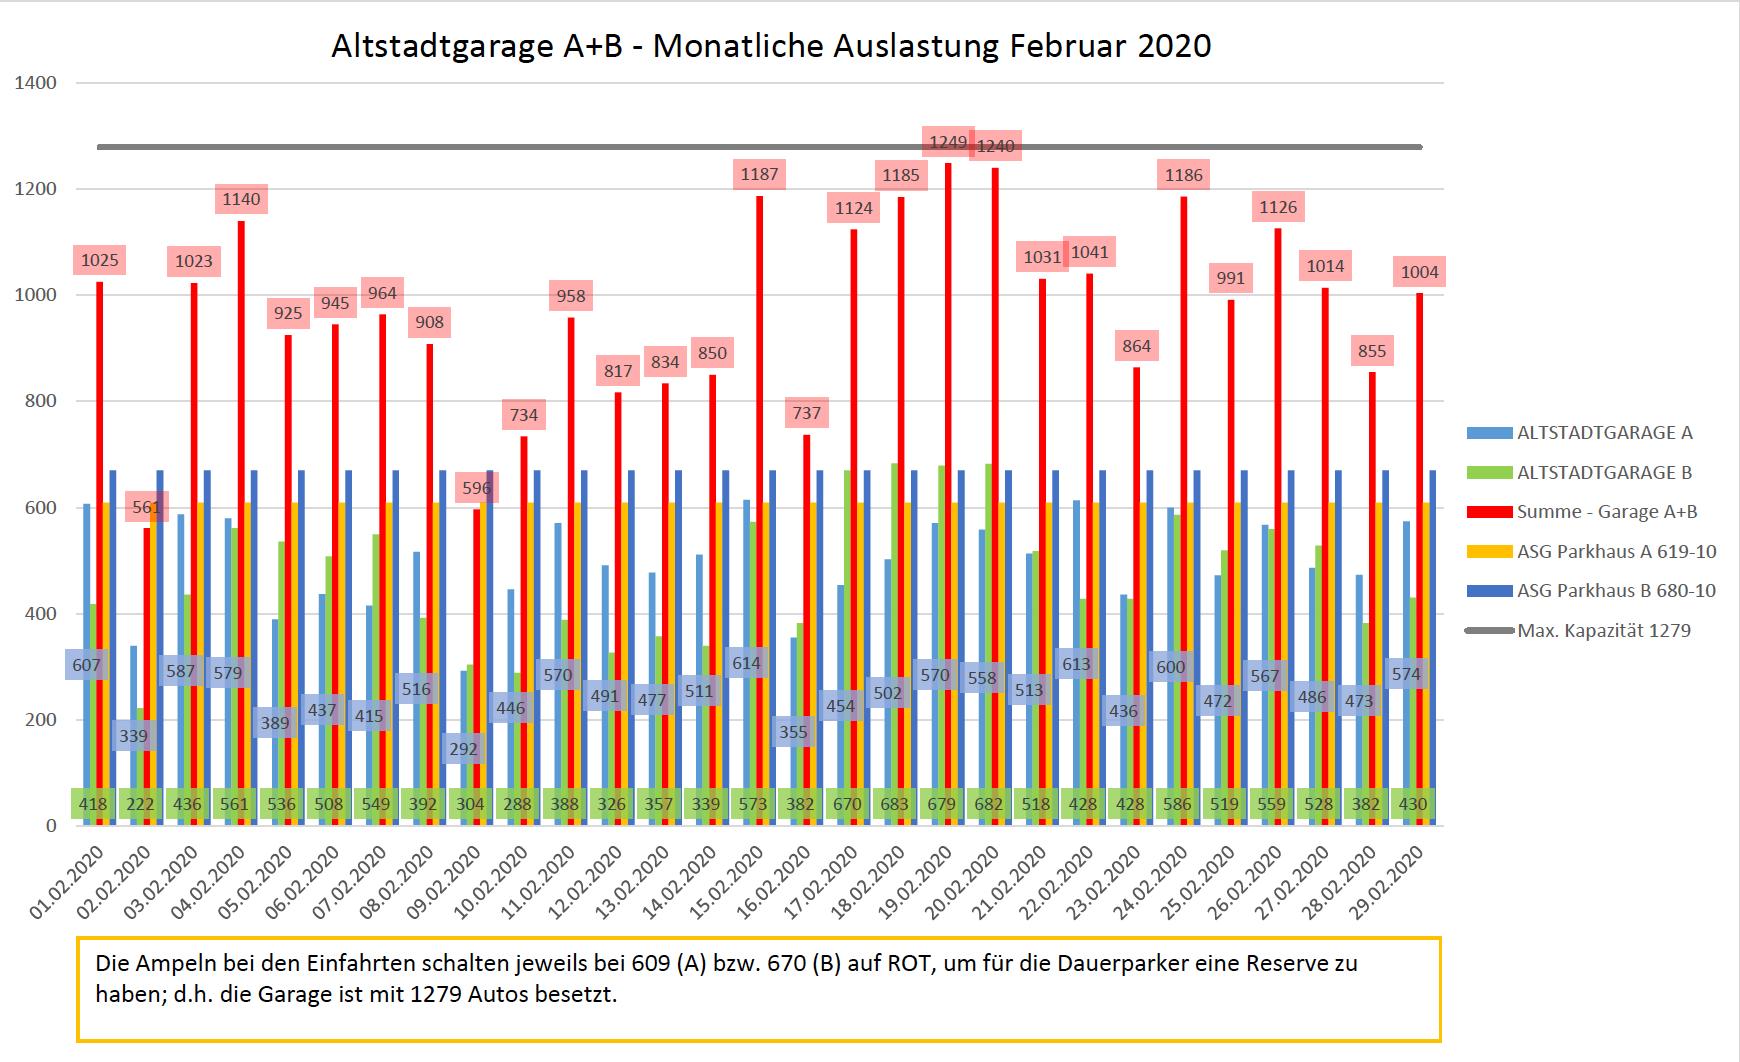 Auslastungszahlen Februar 2020